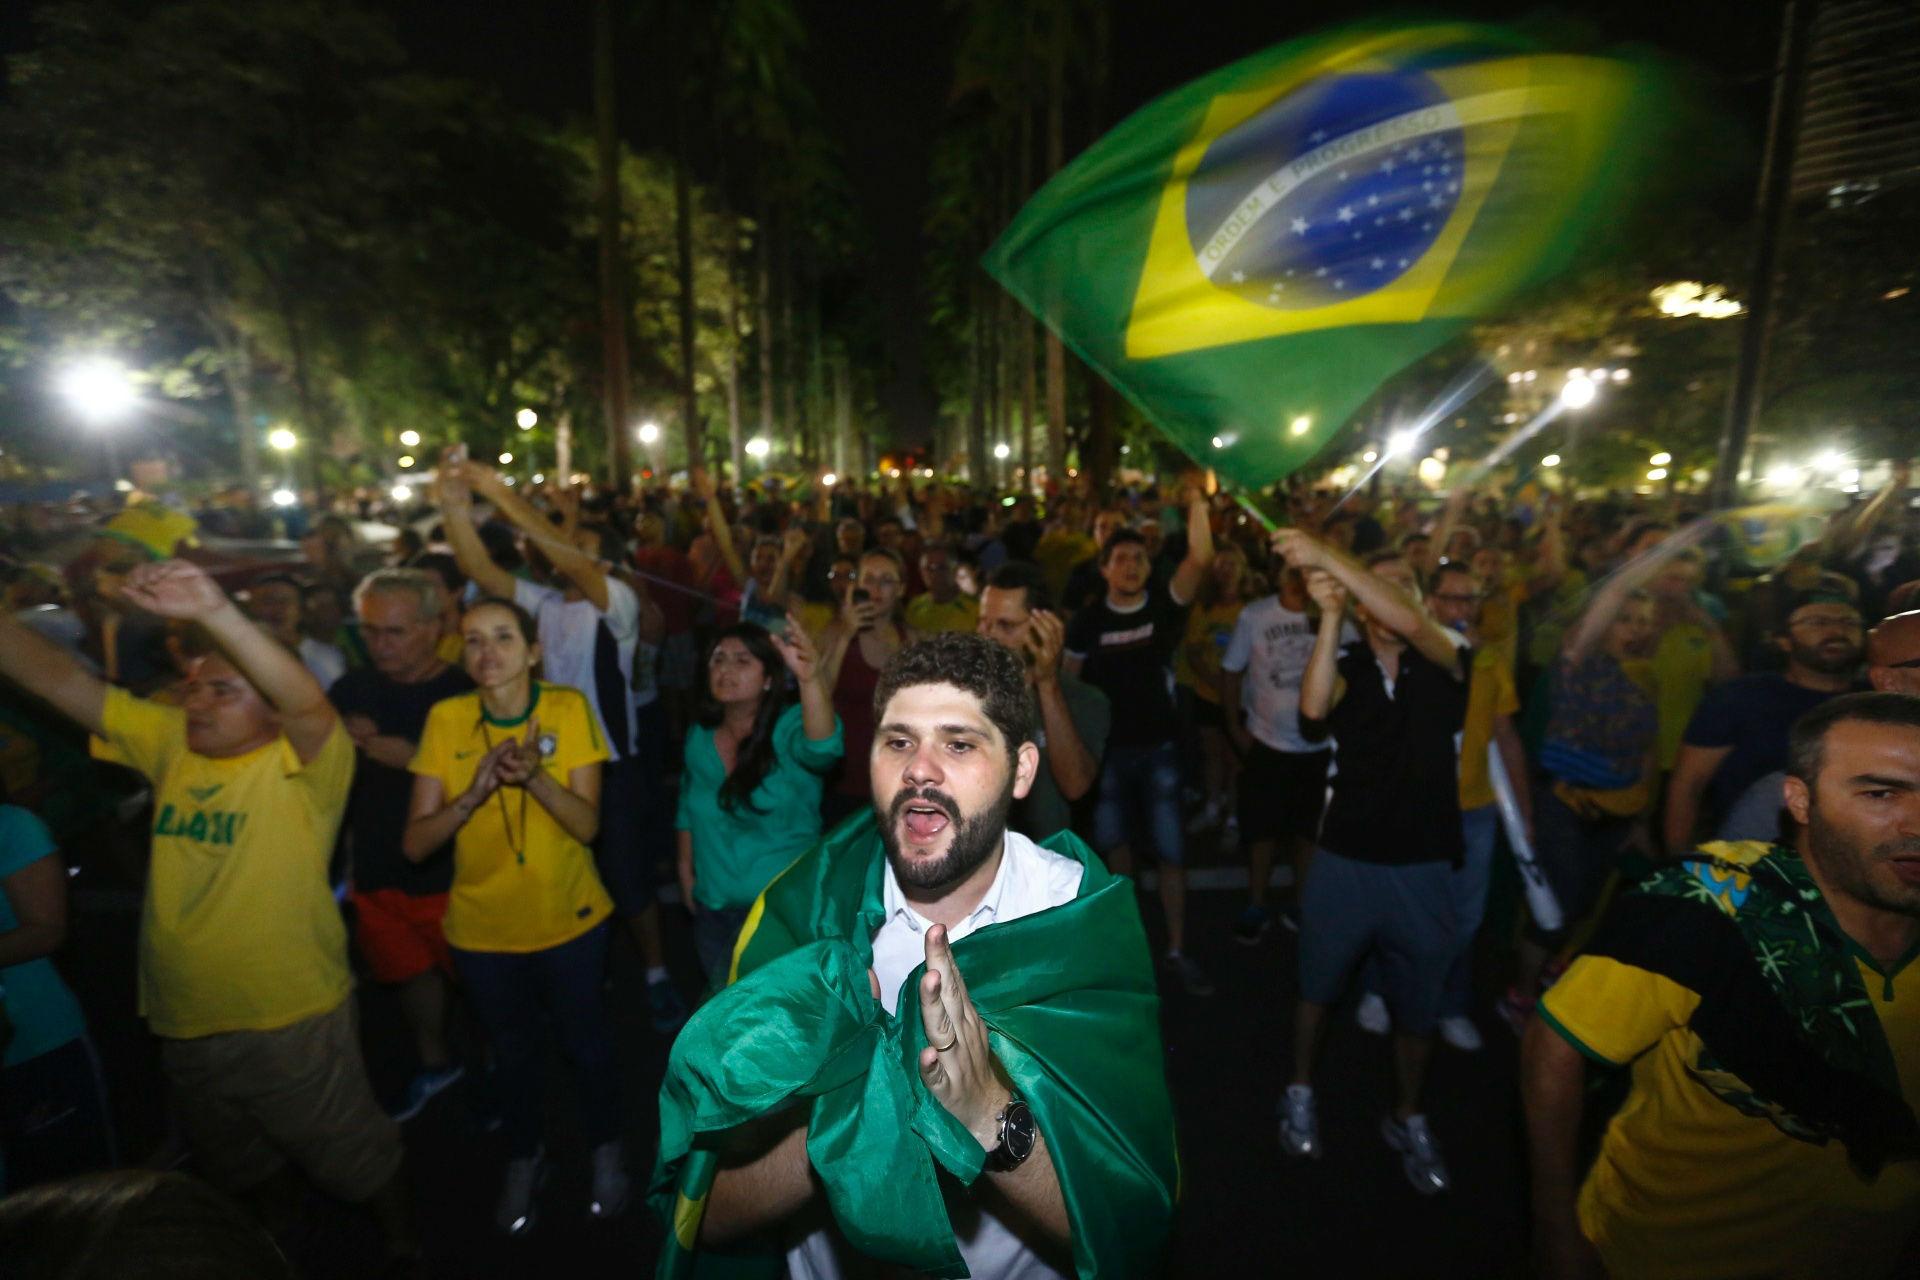 Pessoas se reúnem para manifestar contra o Governo. Foto: Nidin Sanches/ O Tempo/ Estadão Conteúdo